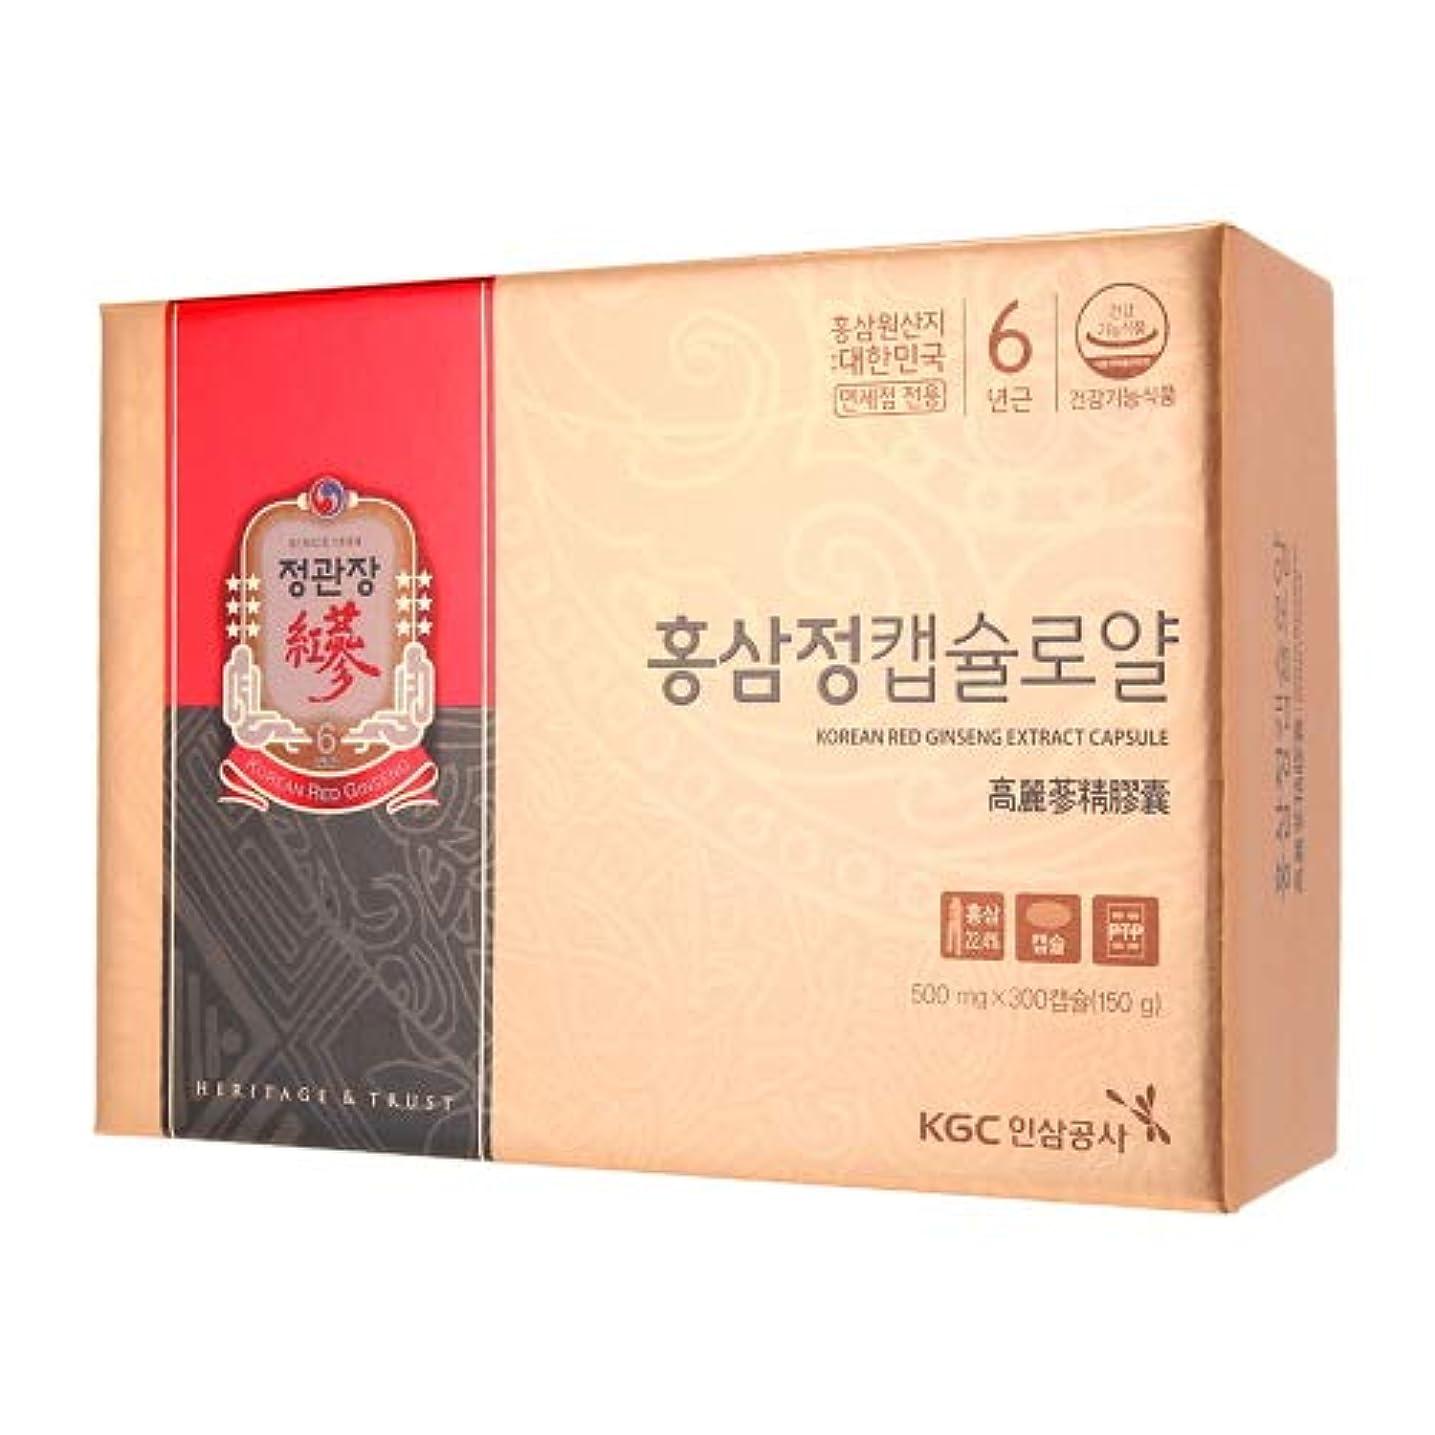 スケジュール盲目モネ正官庄 Junggwanjang 紅参精 カプセル ロイヤル 150g (300カプセル) [並行輸入品]